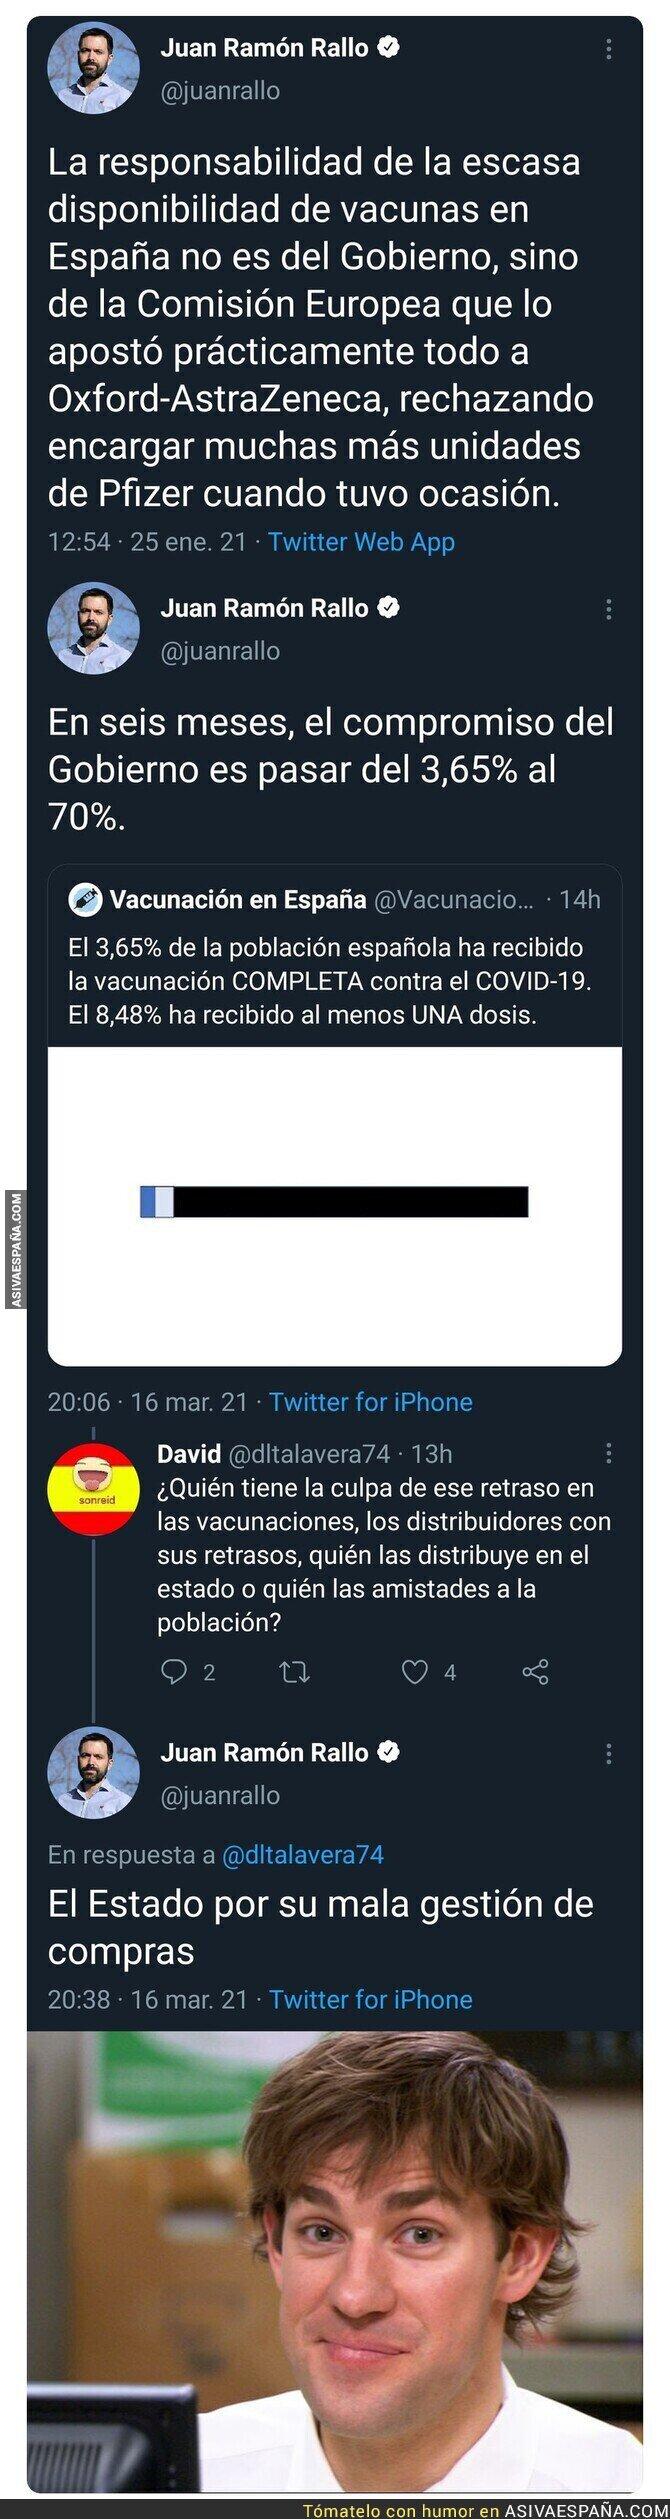 651519 - Lo peor es la gente que cree a Juan Ramón Rallo